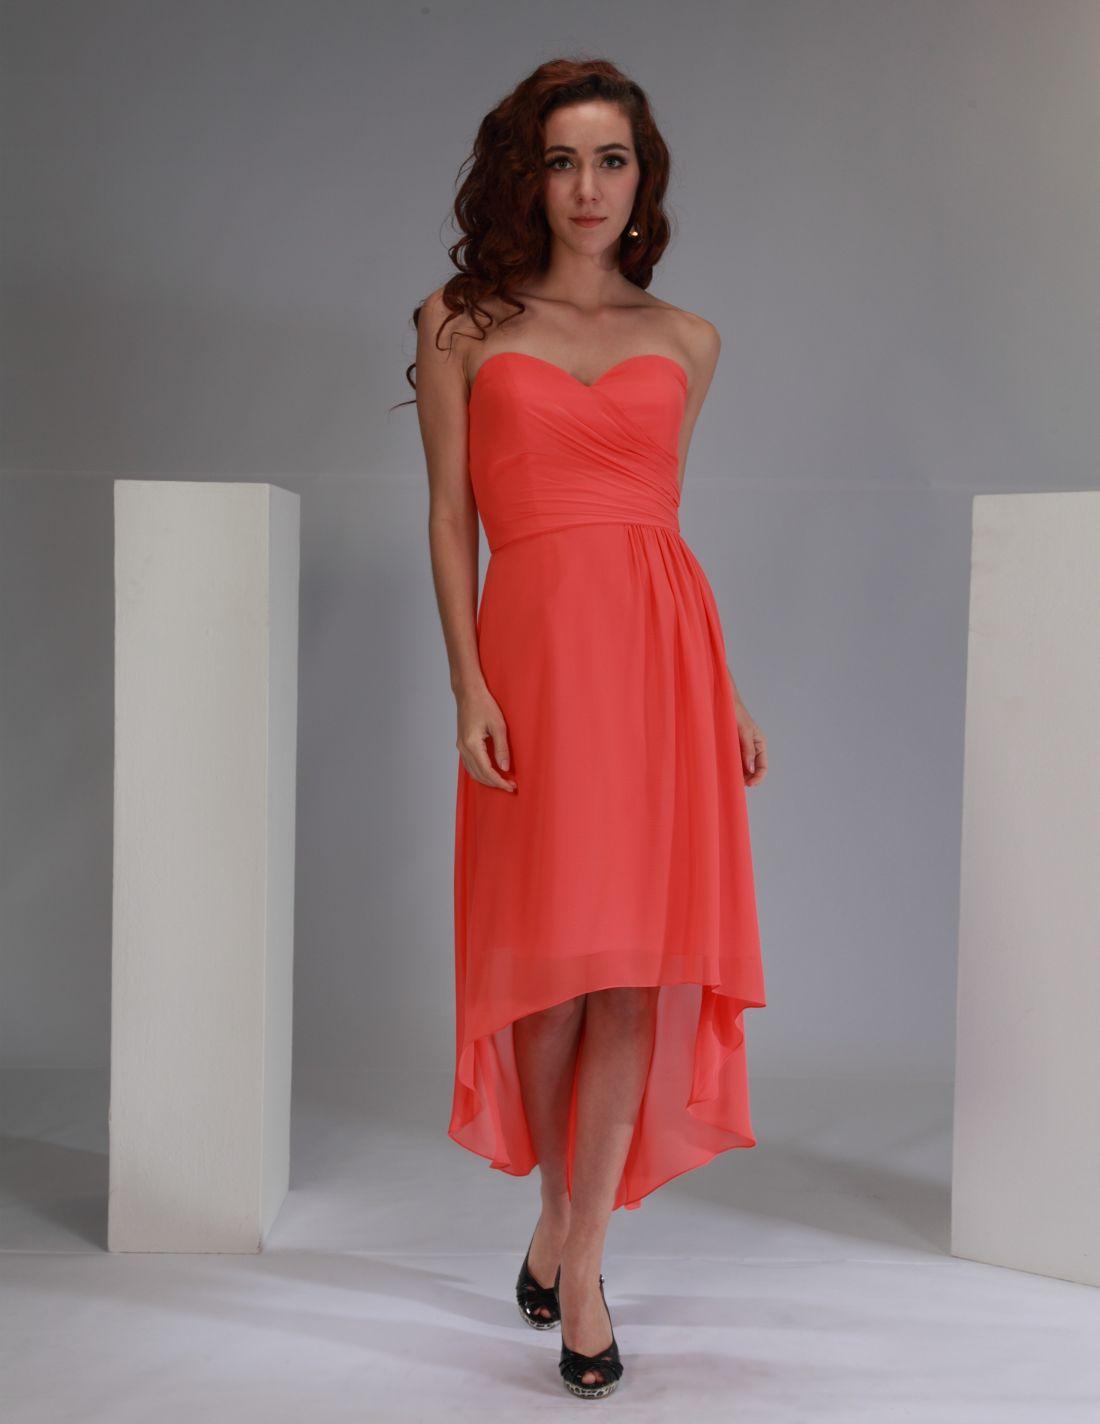 Santino moda abiti cerimonia – Vestiti da cerimonia 4efab07dfeb